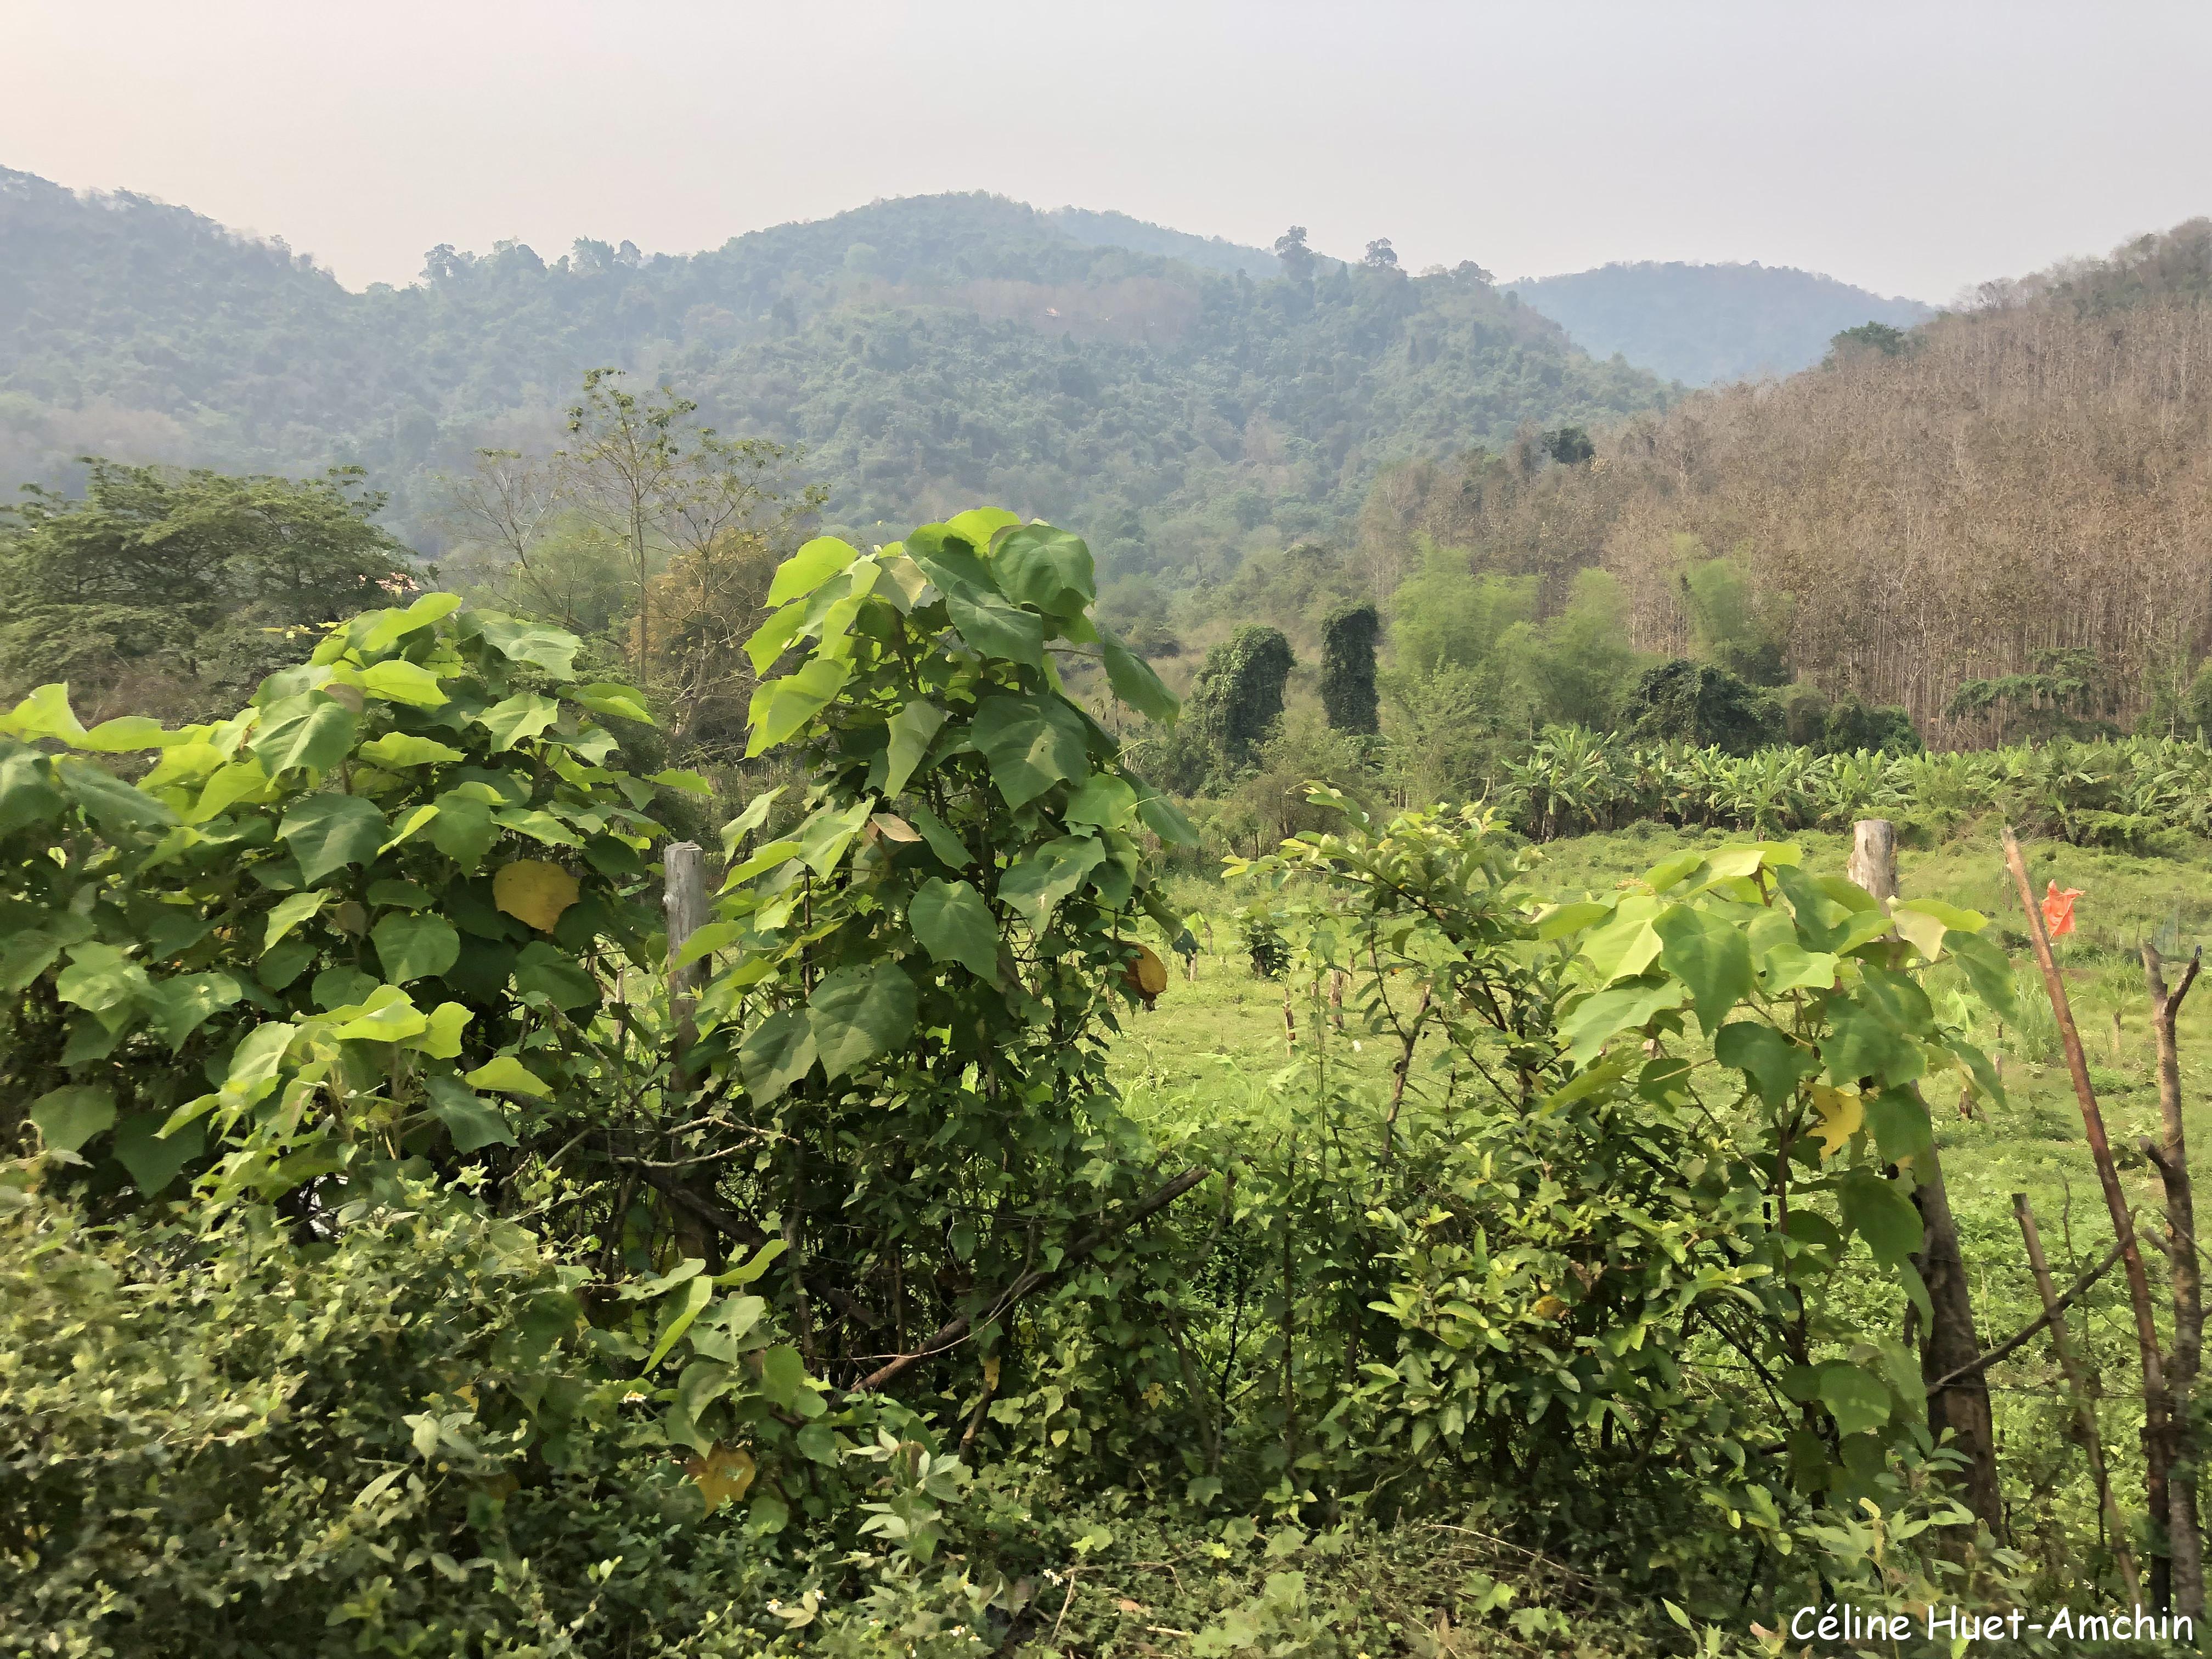 Sur la route entre Luang Prabang et Kuang Si Laos Asie